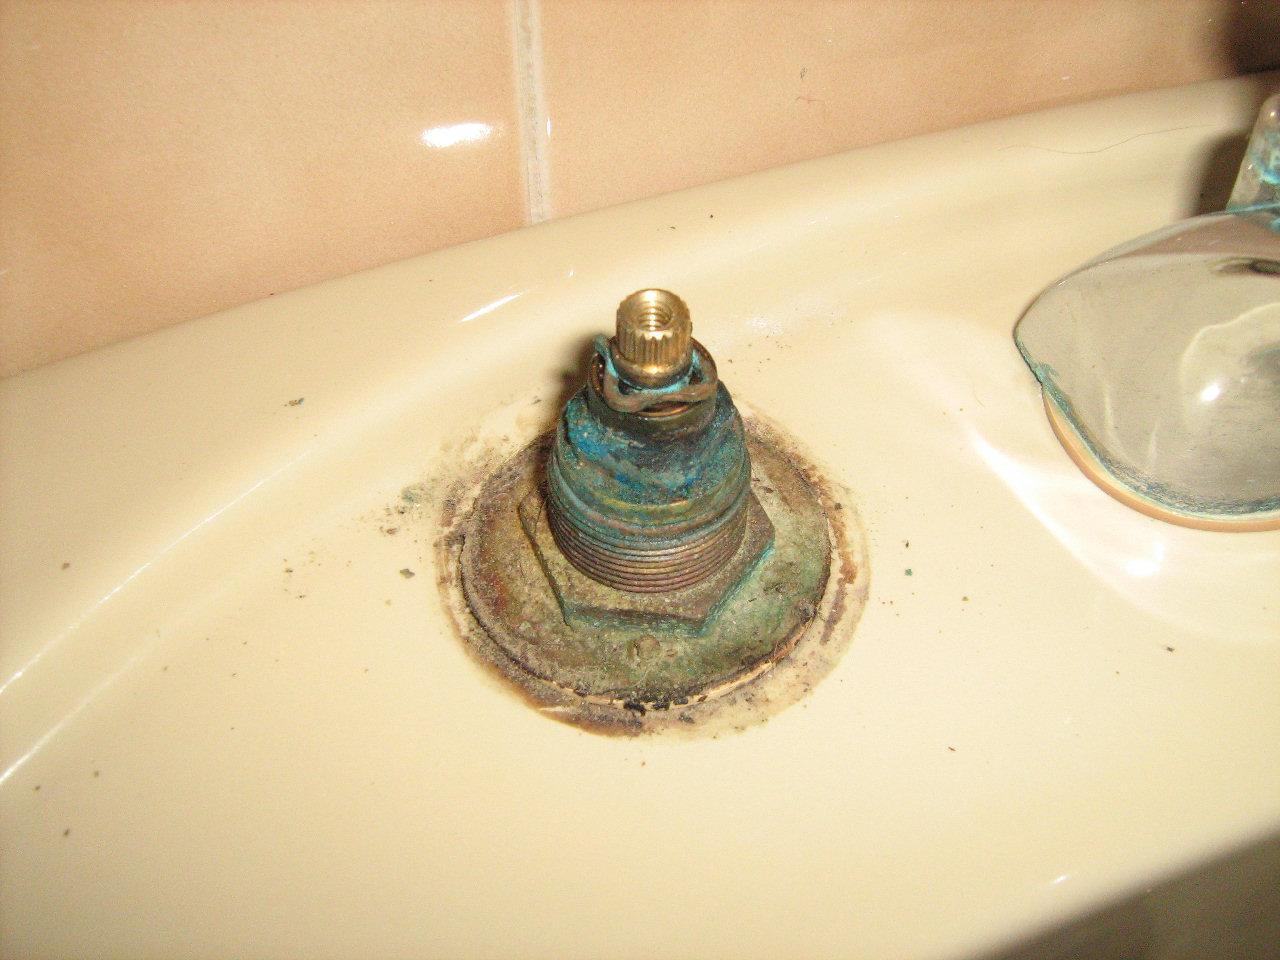 Riparare e sostituire la guarnizione ad rubinetto che cola - Rubinetto lavandino bagno ...